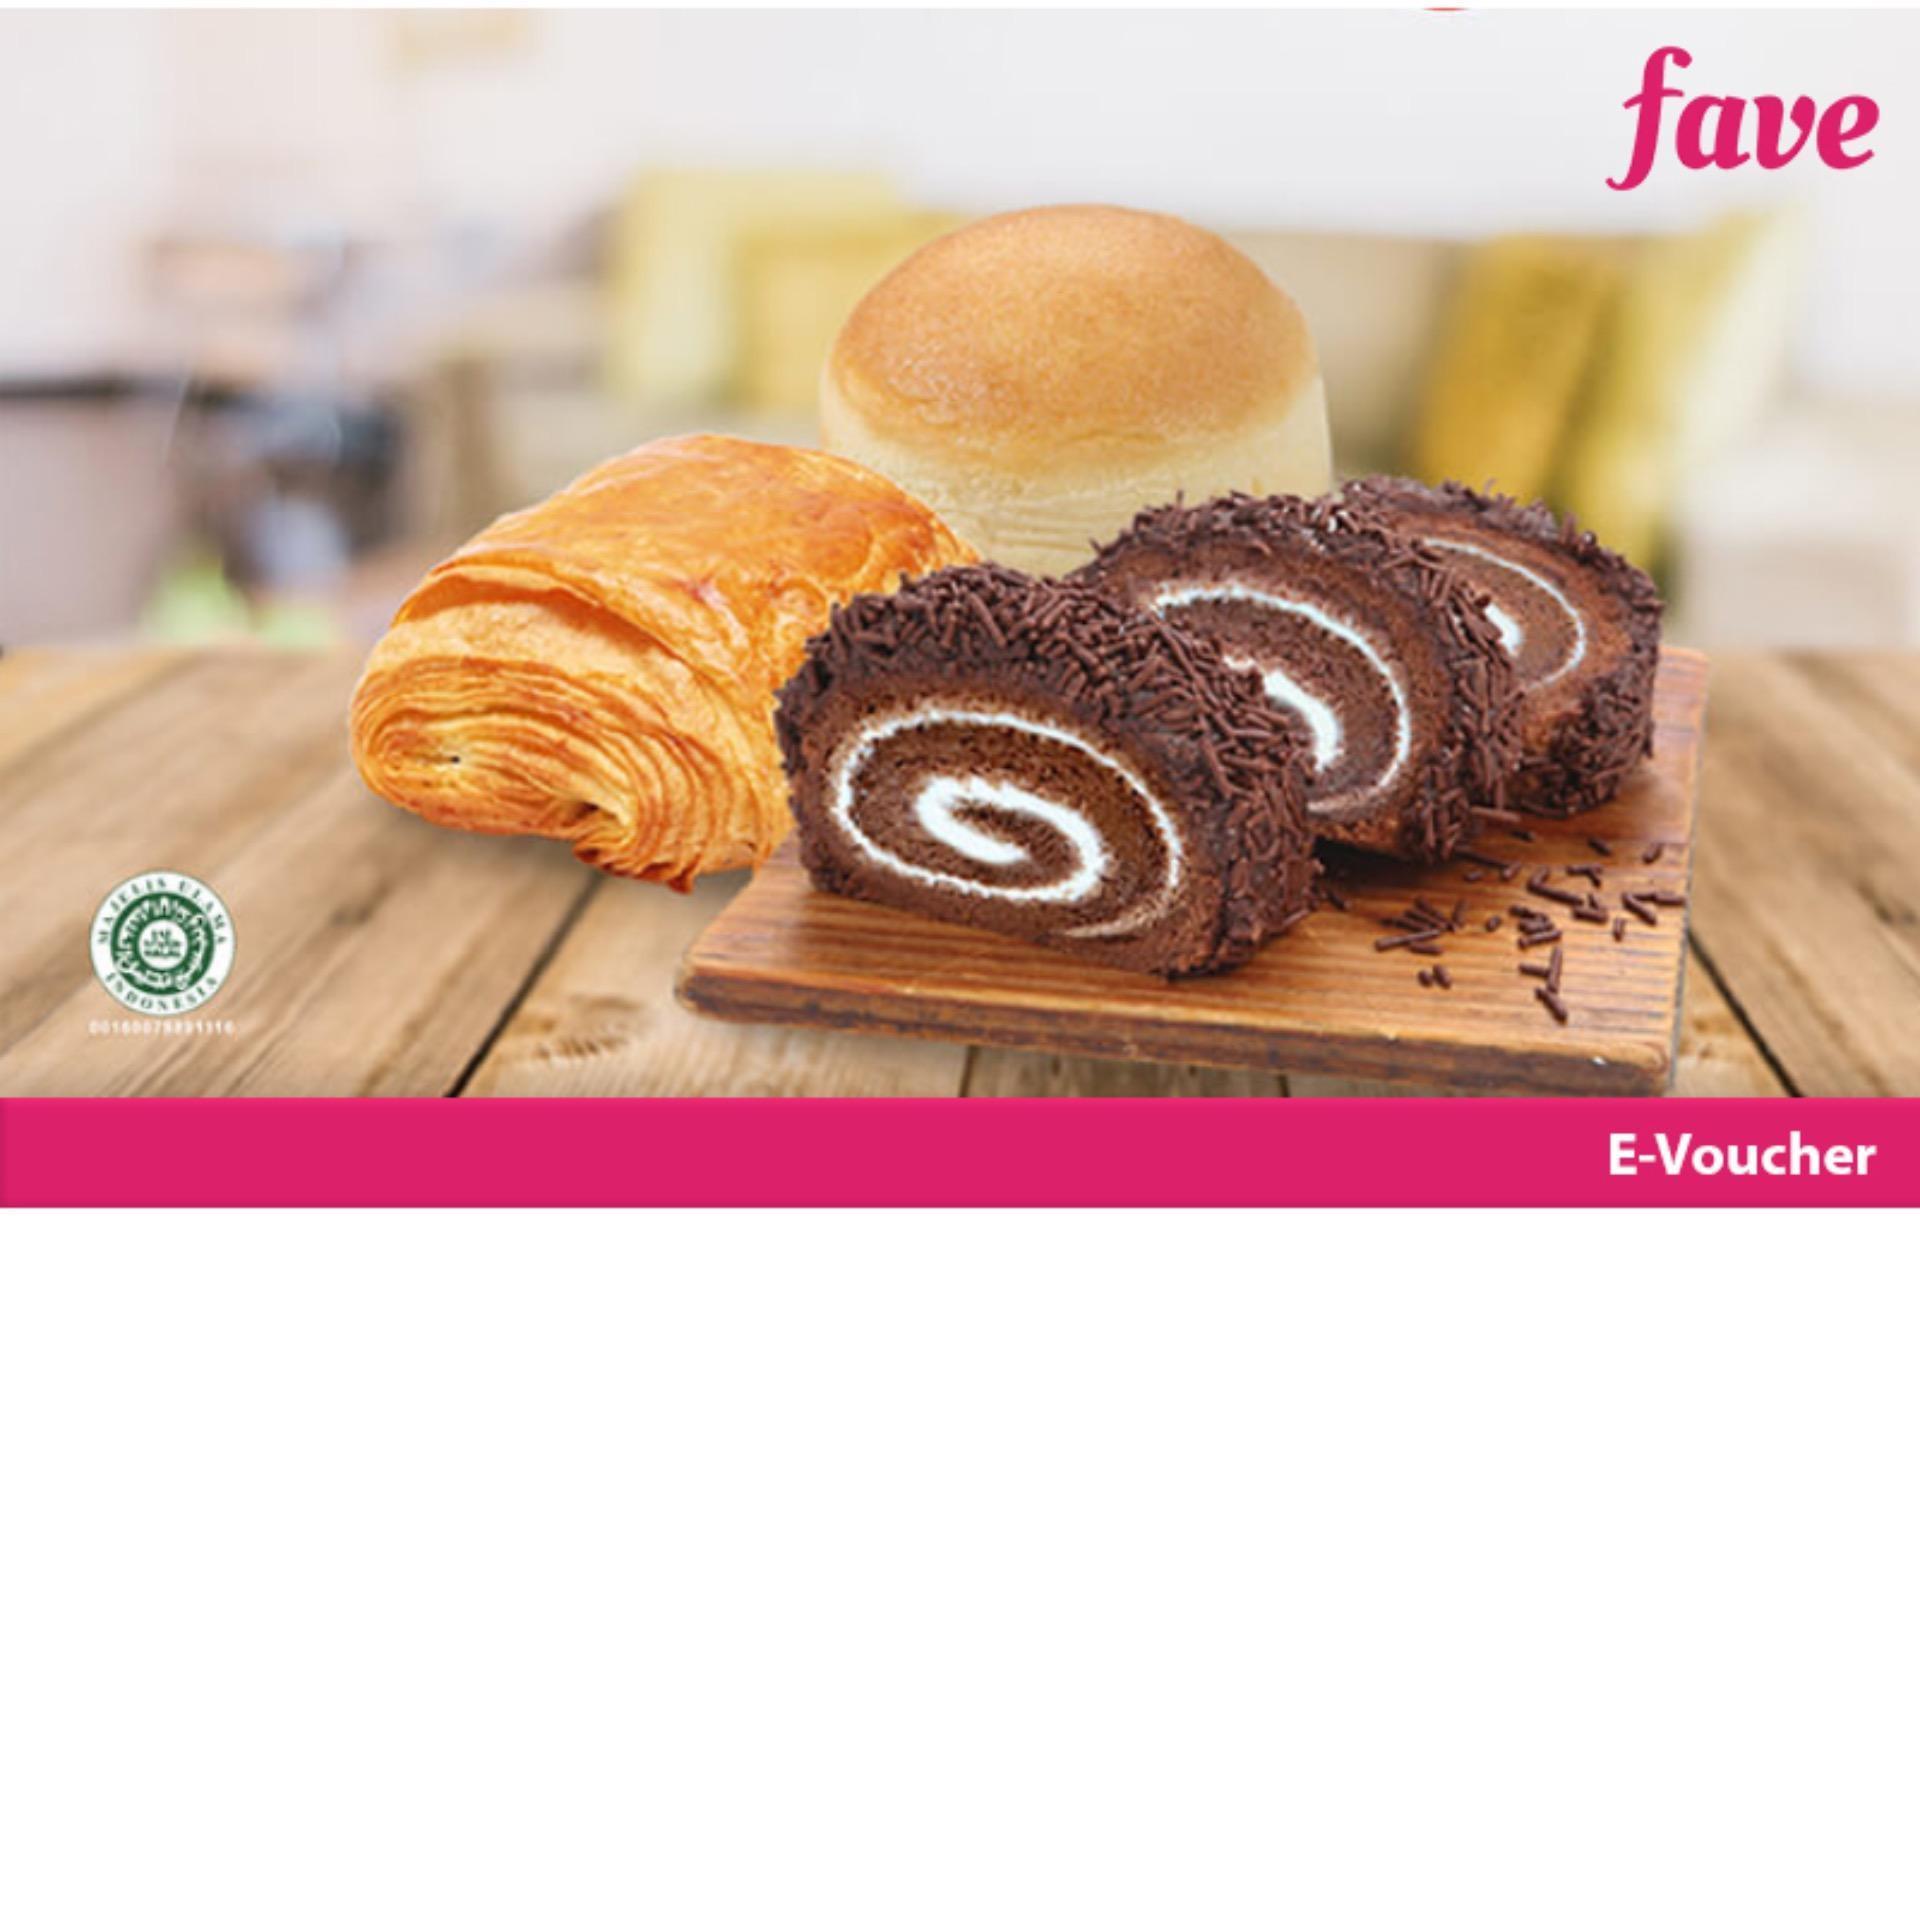 Breadlife Voucher Value Senilai Rp. 100.000 Untuk Roti, Kue Dan Pastry By Fave Indonesia.